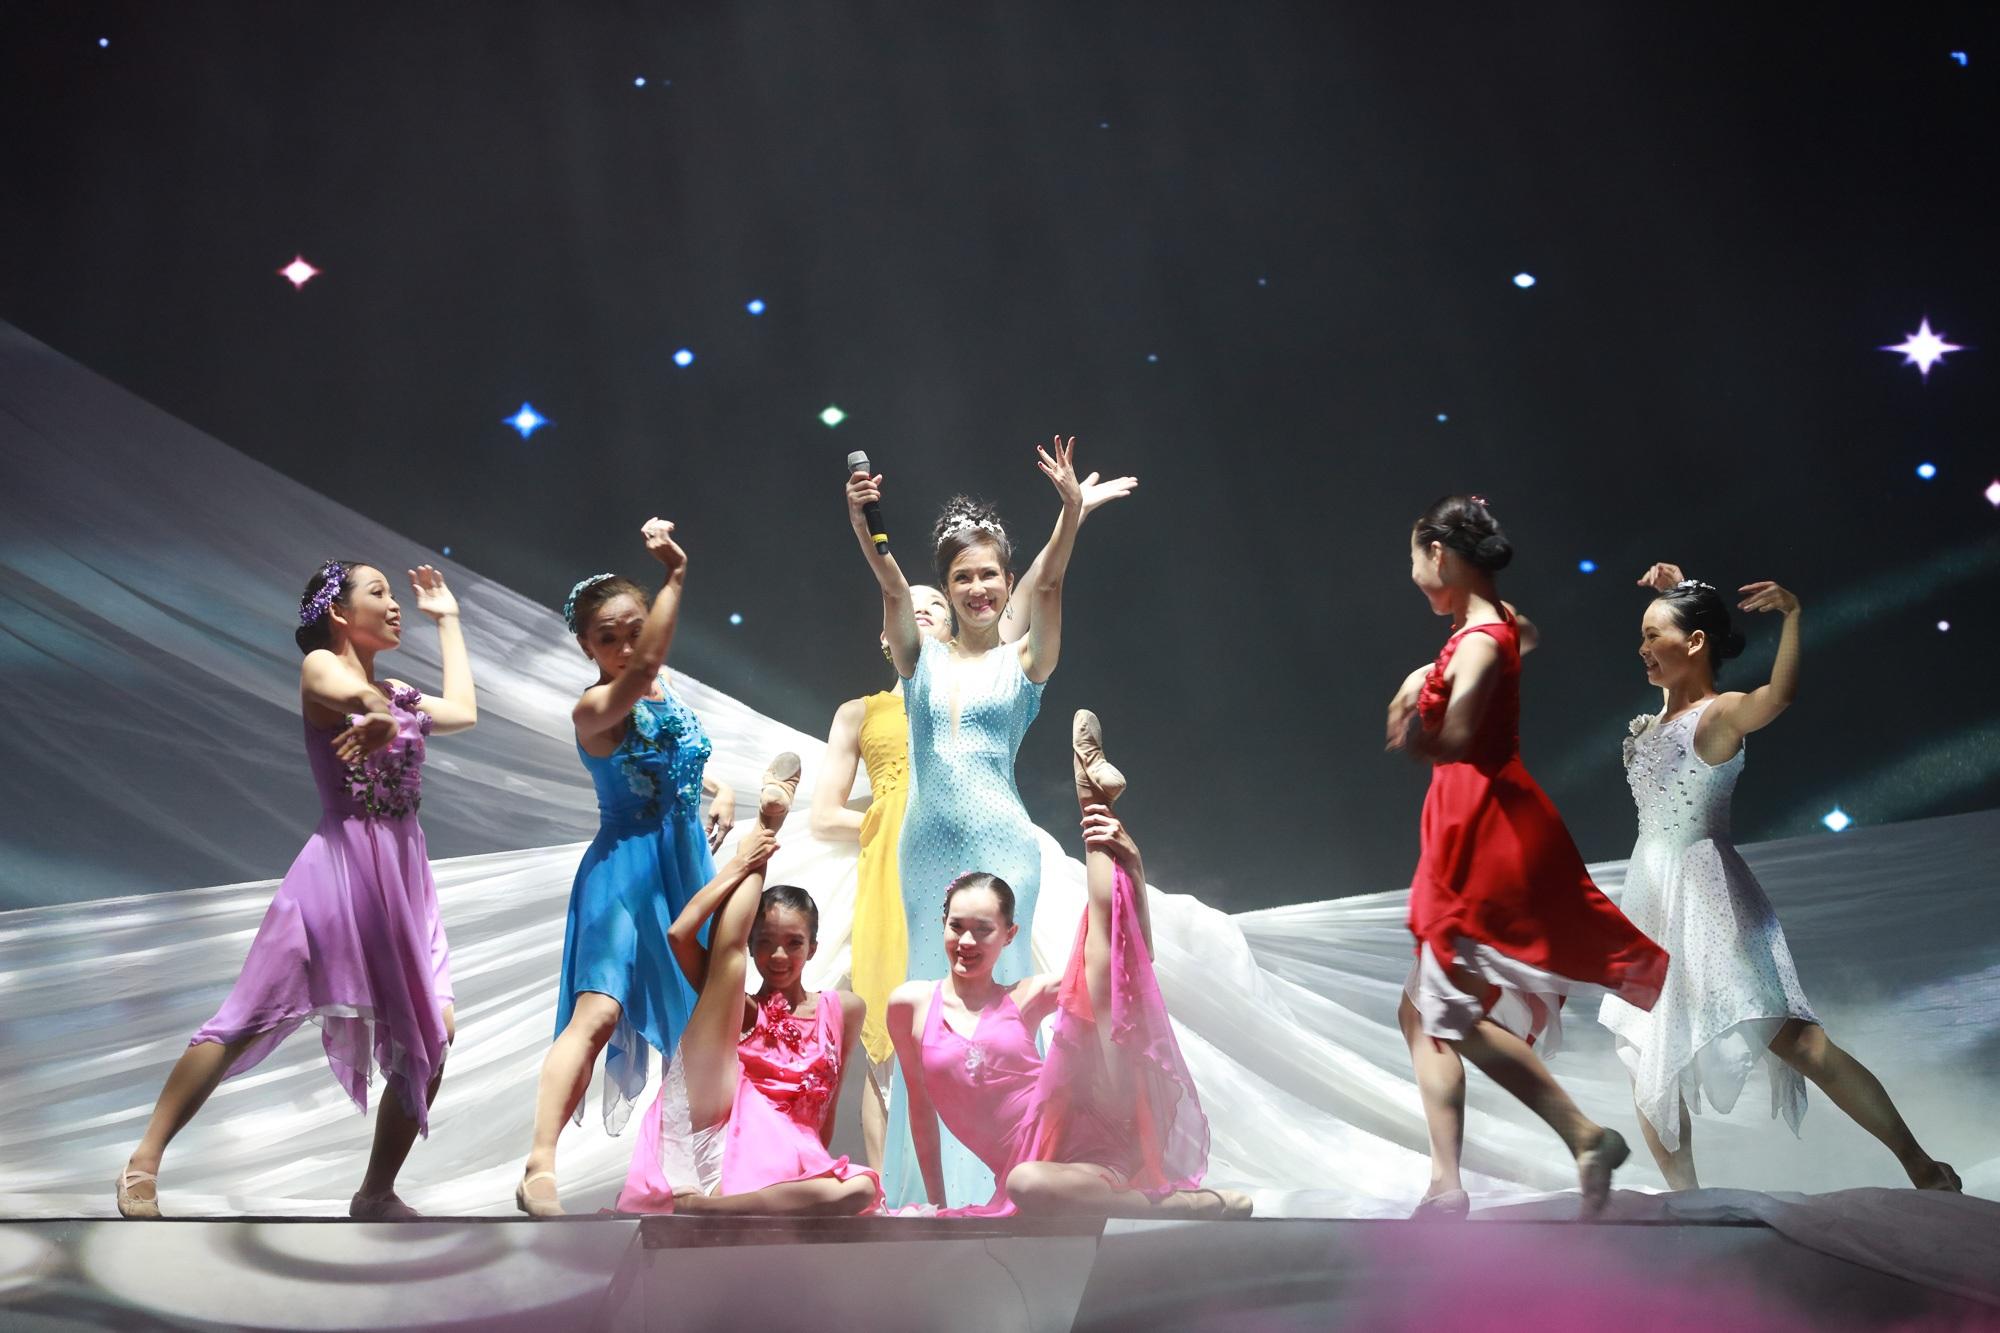 Màn biểu diễn trẻ trung, sôi động của Hồng Nhung được khán giả cổ vũ nồng nhiệt